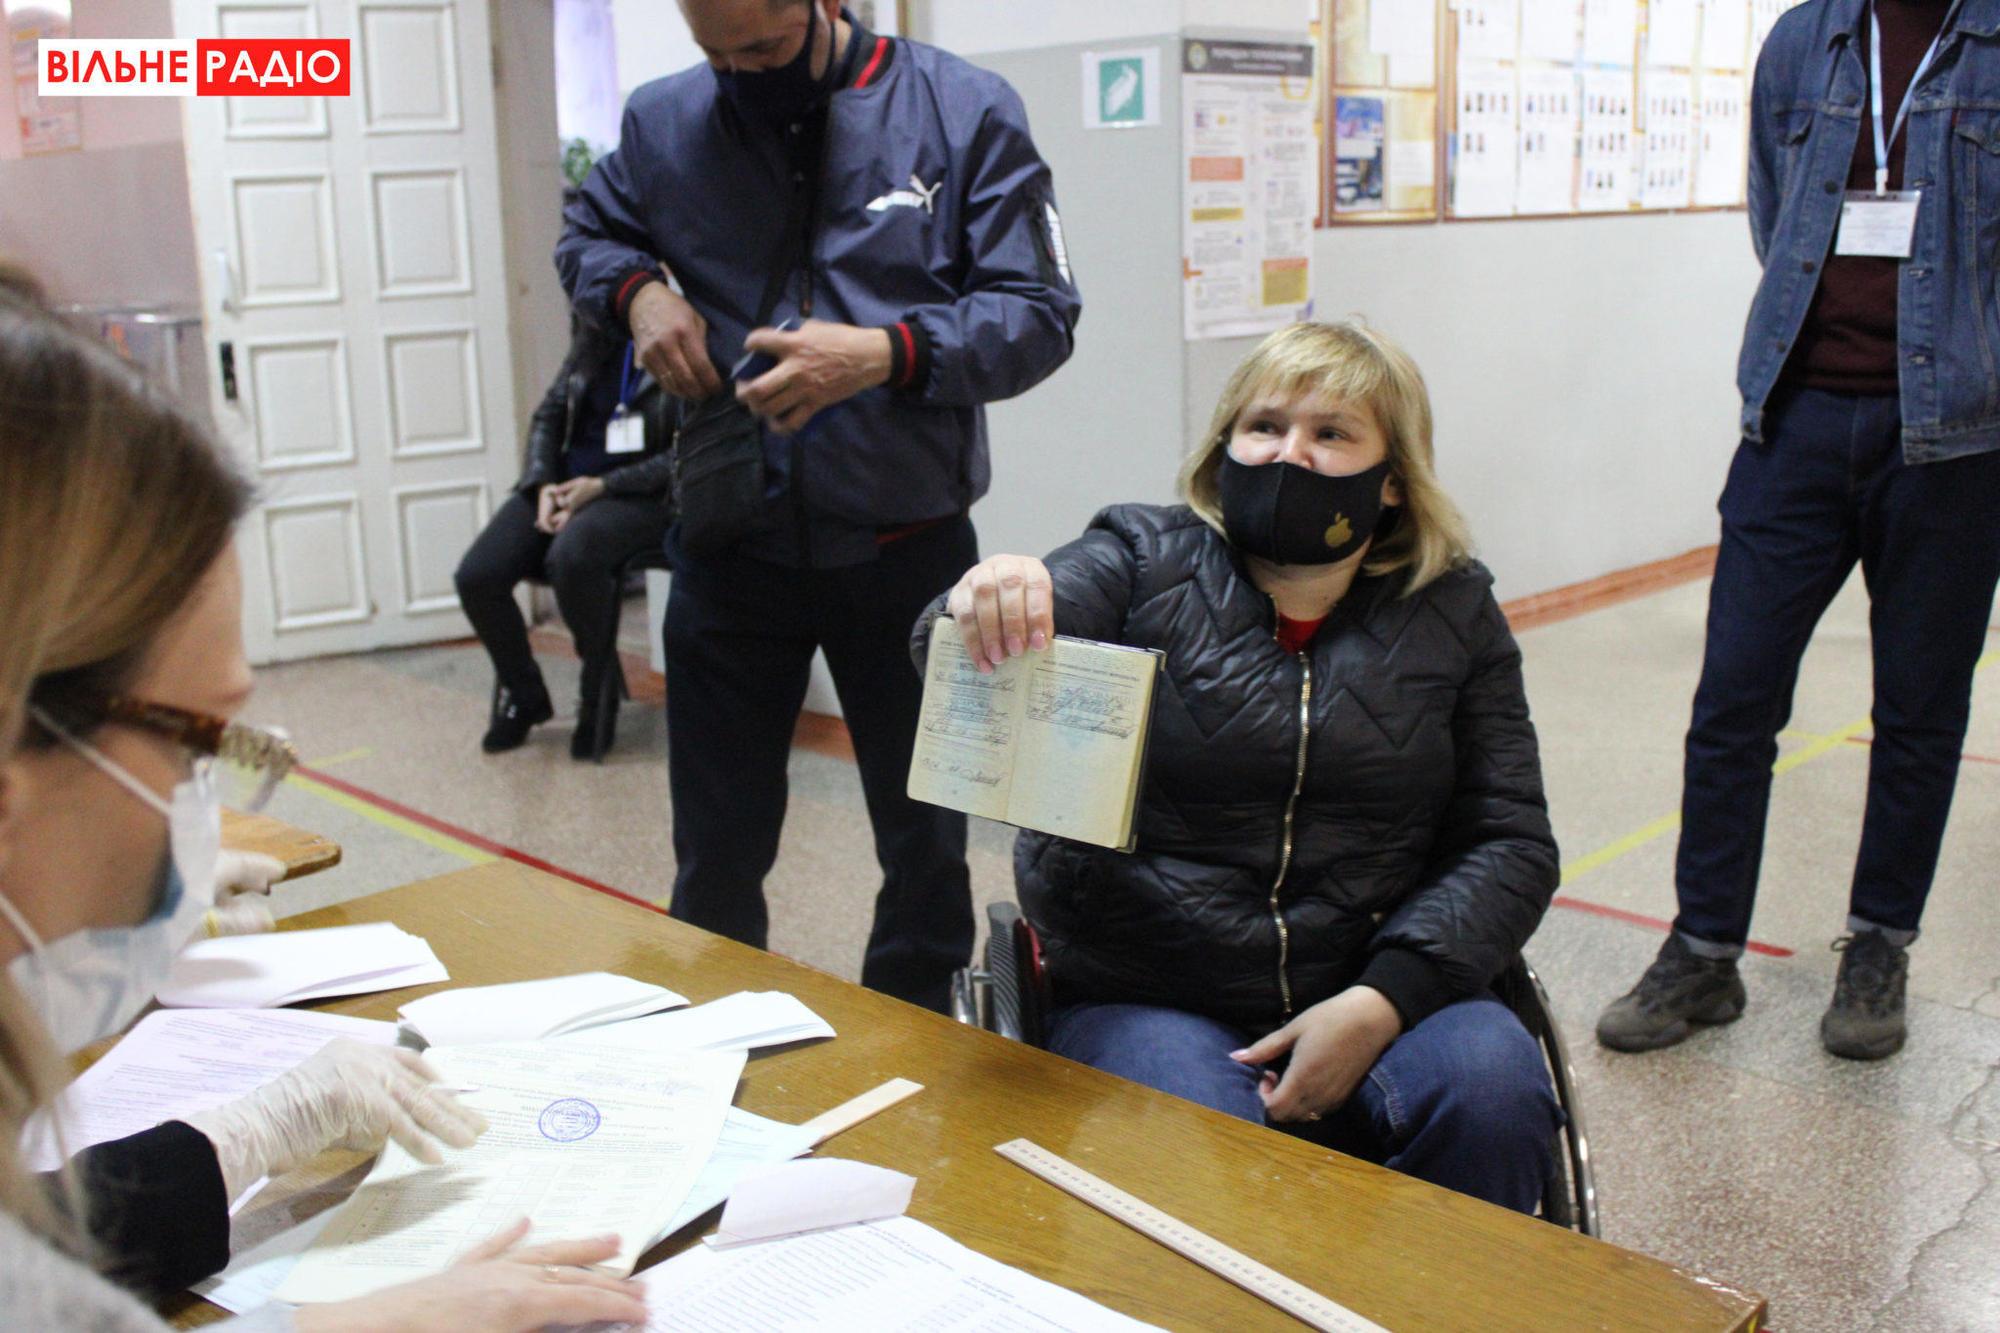 голосование женщина с инвалидностью украинский паспорт избирательный участок